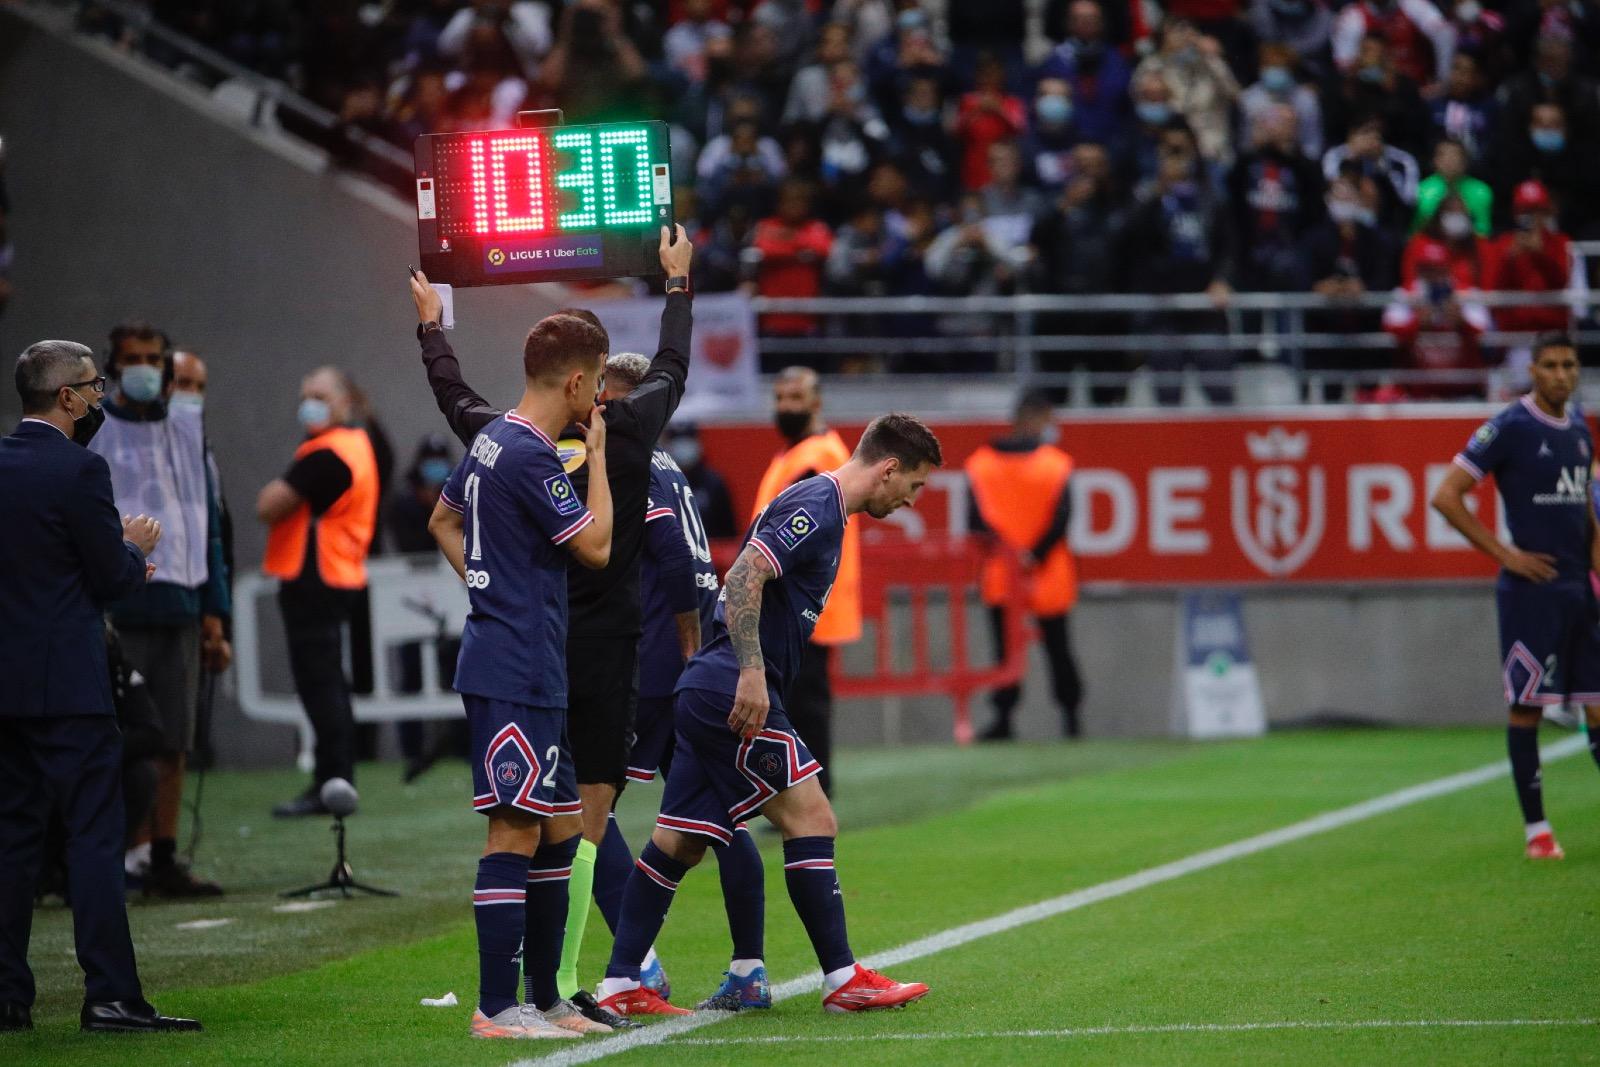 بطولة فرنسا: ميسي يشارك كبديل في مباراته الاولى مع سان جرمان أمام رانس